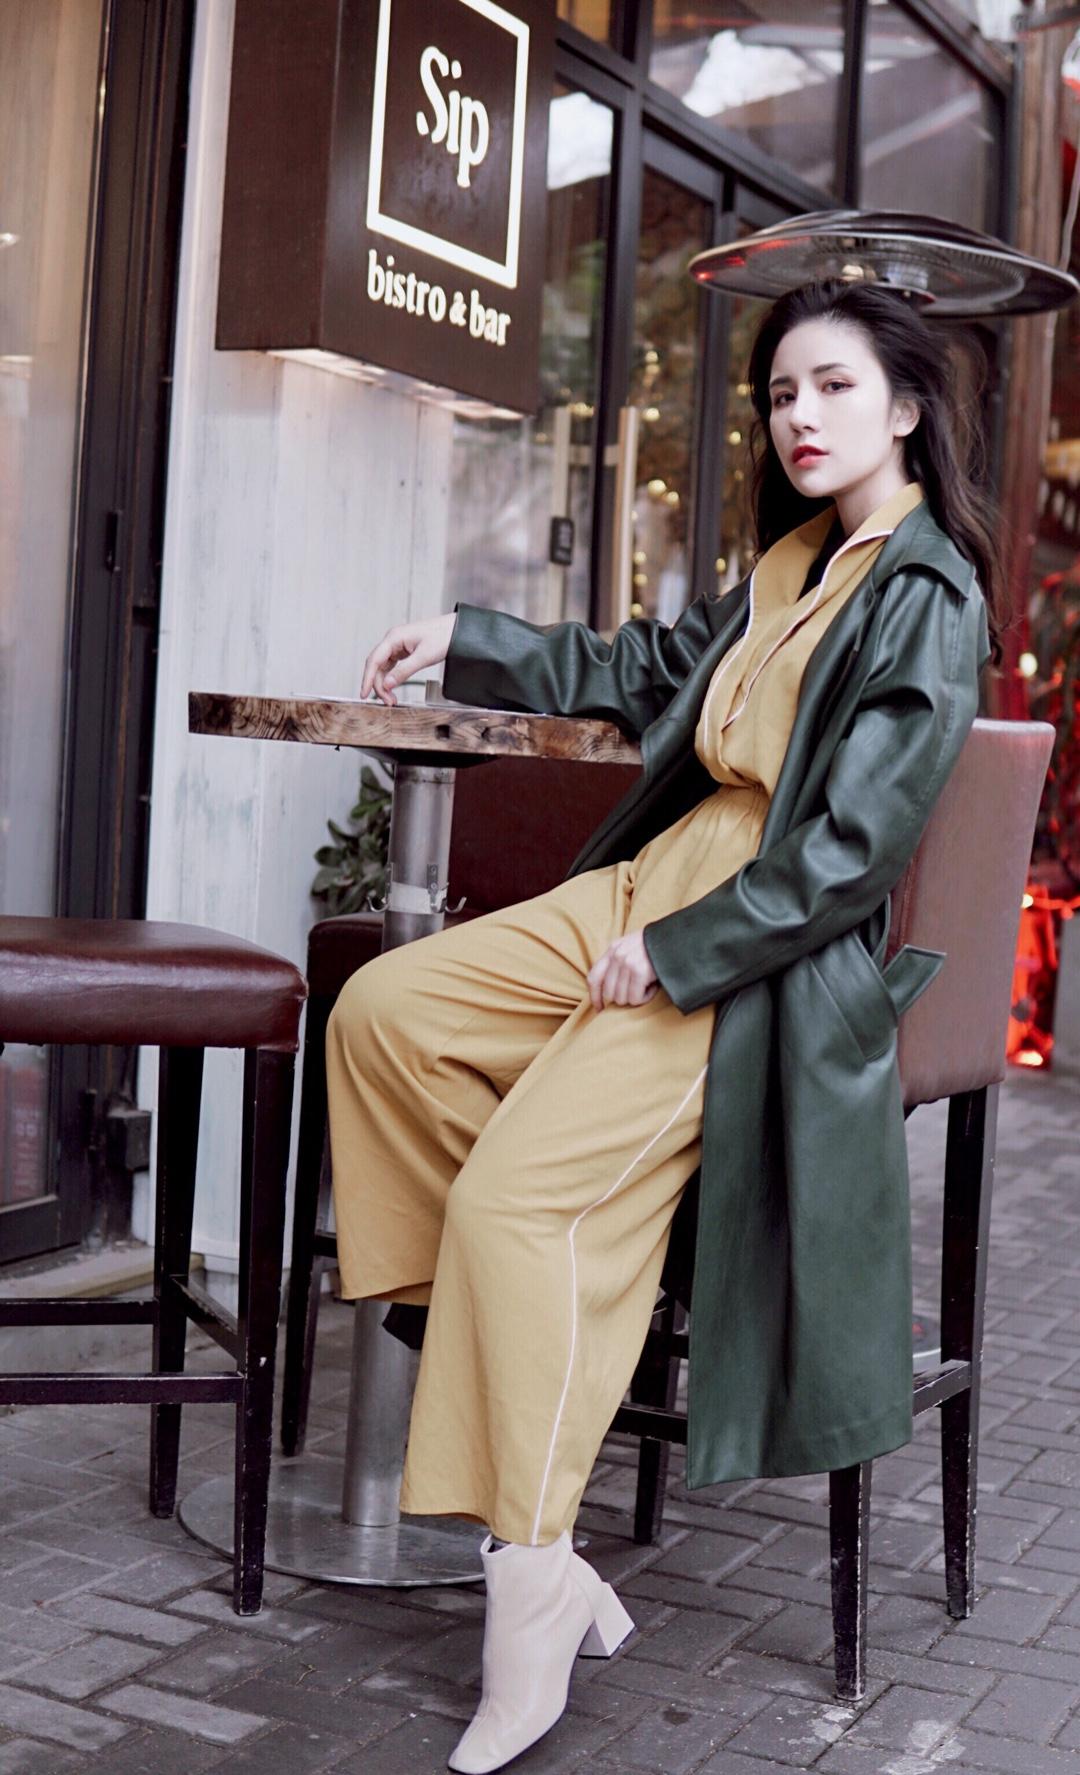 之前一直在想白色鞋子怎么搭配 发现其实也挺好搭配的 绿色皮衣 内搭一个连体黄色阔腿裤 绿色和黄色的撞色,让冬日格外亮眼🍂🍃